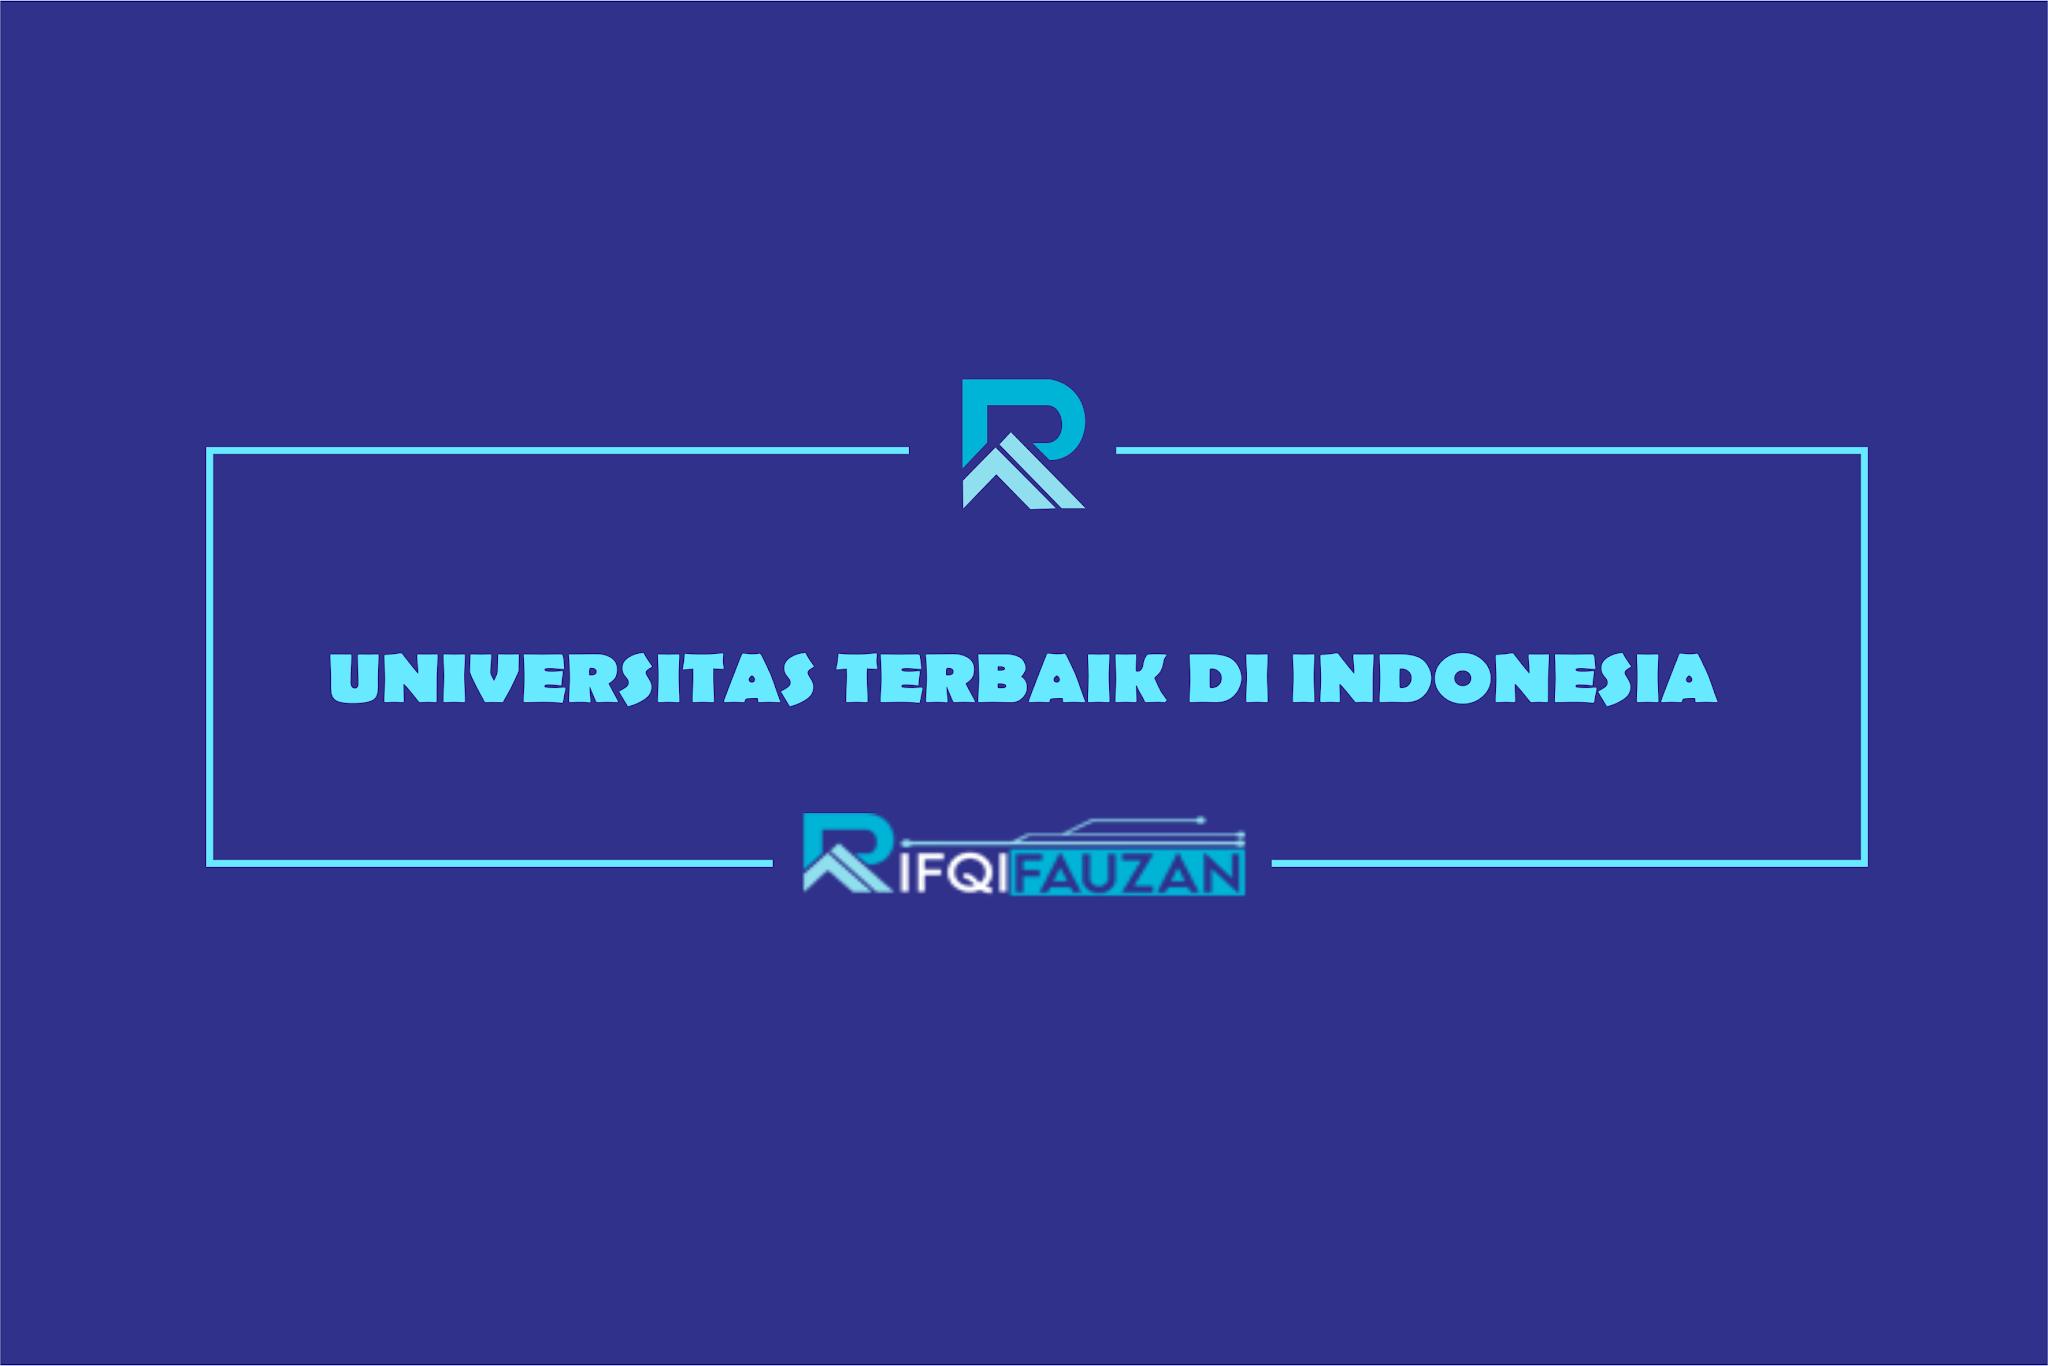 KEUNTUNGAN KULIAH DI DAFTAR UNIVERSITAS TERBAIK DI INDONESIA